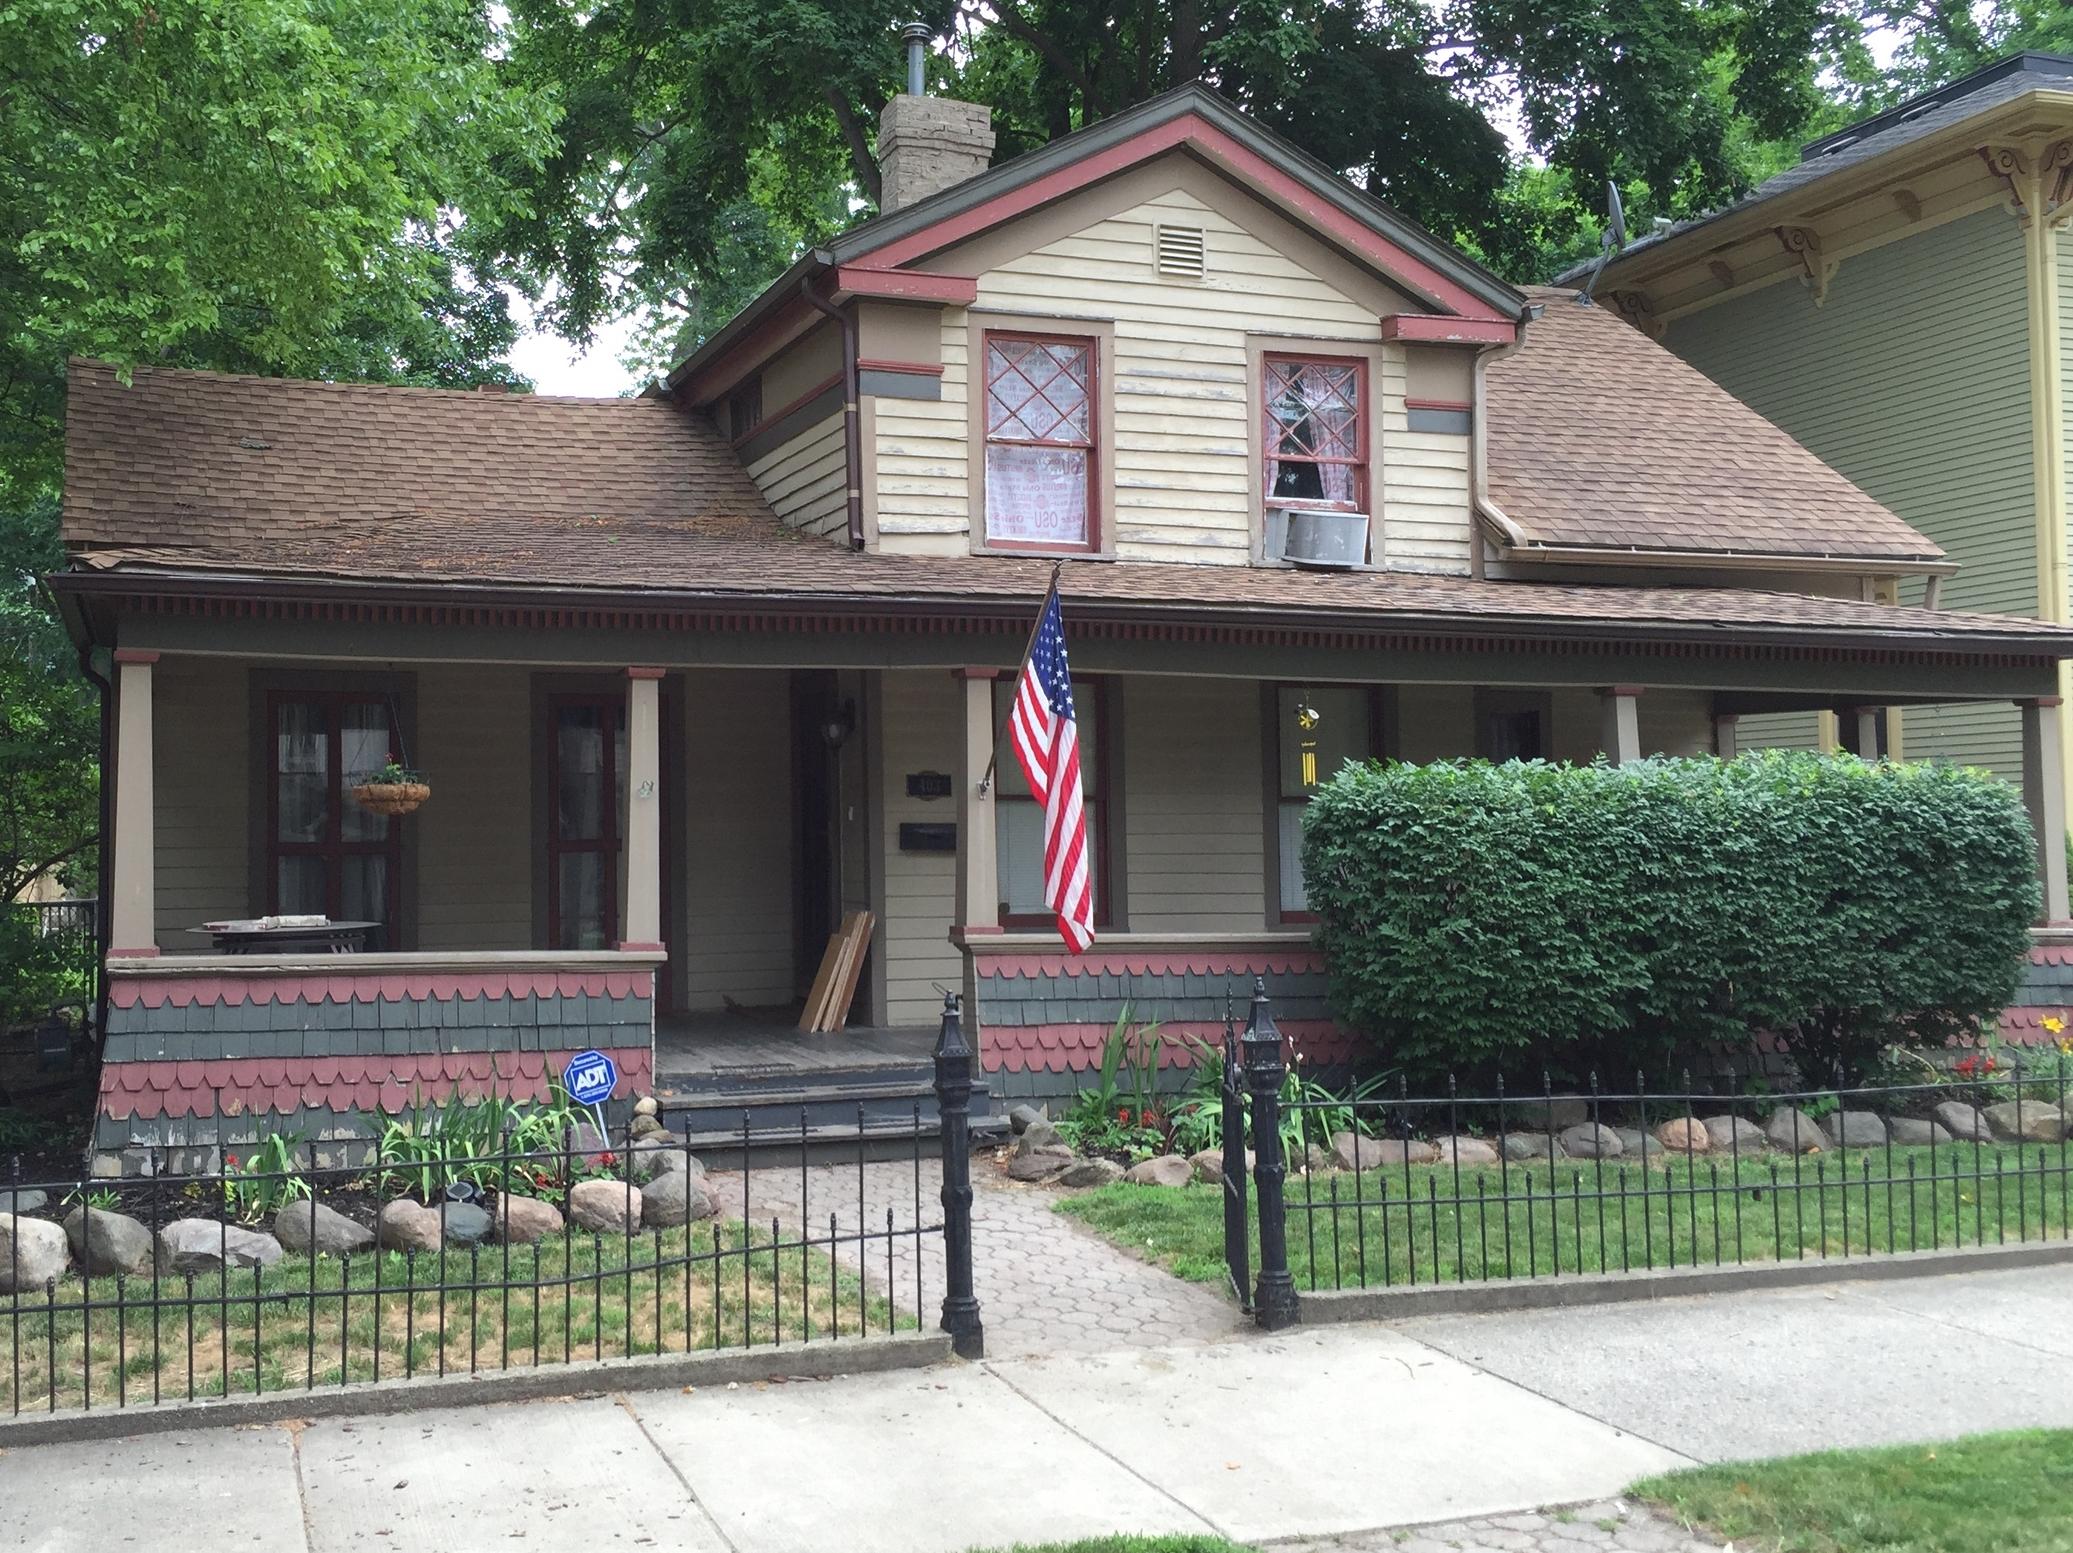 403 Dennis Street, c. 1850